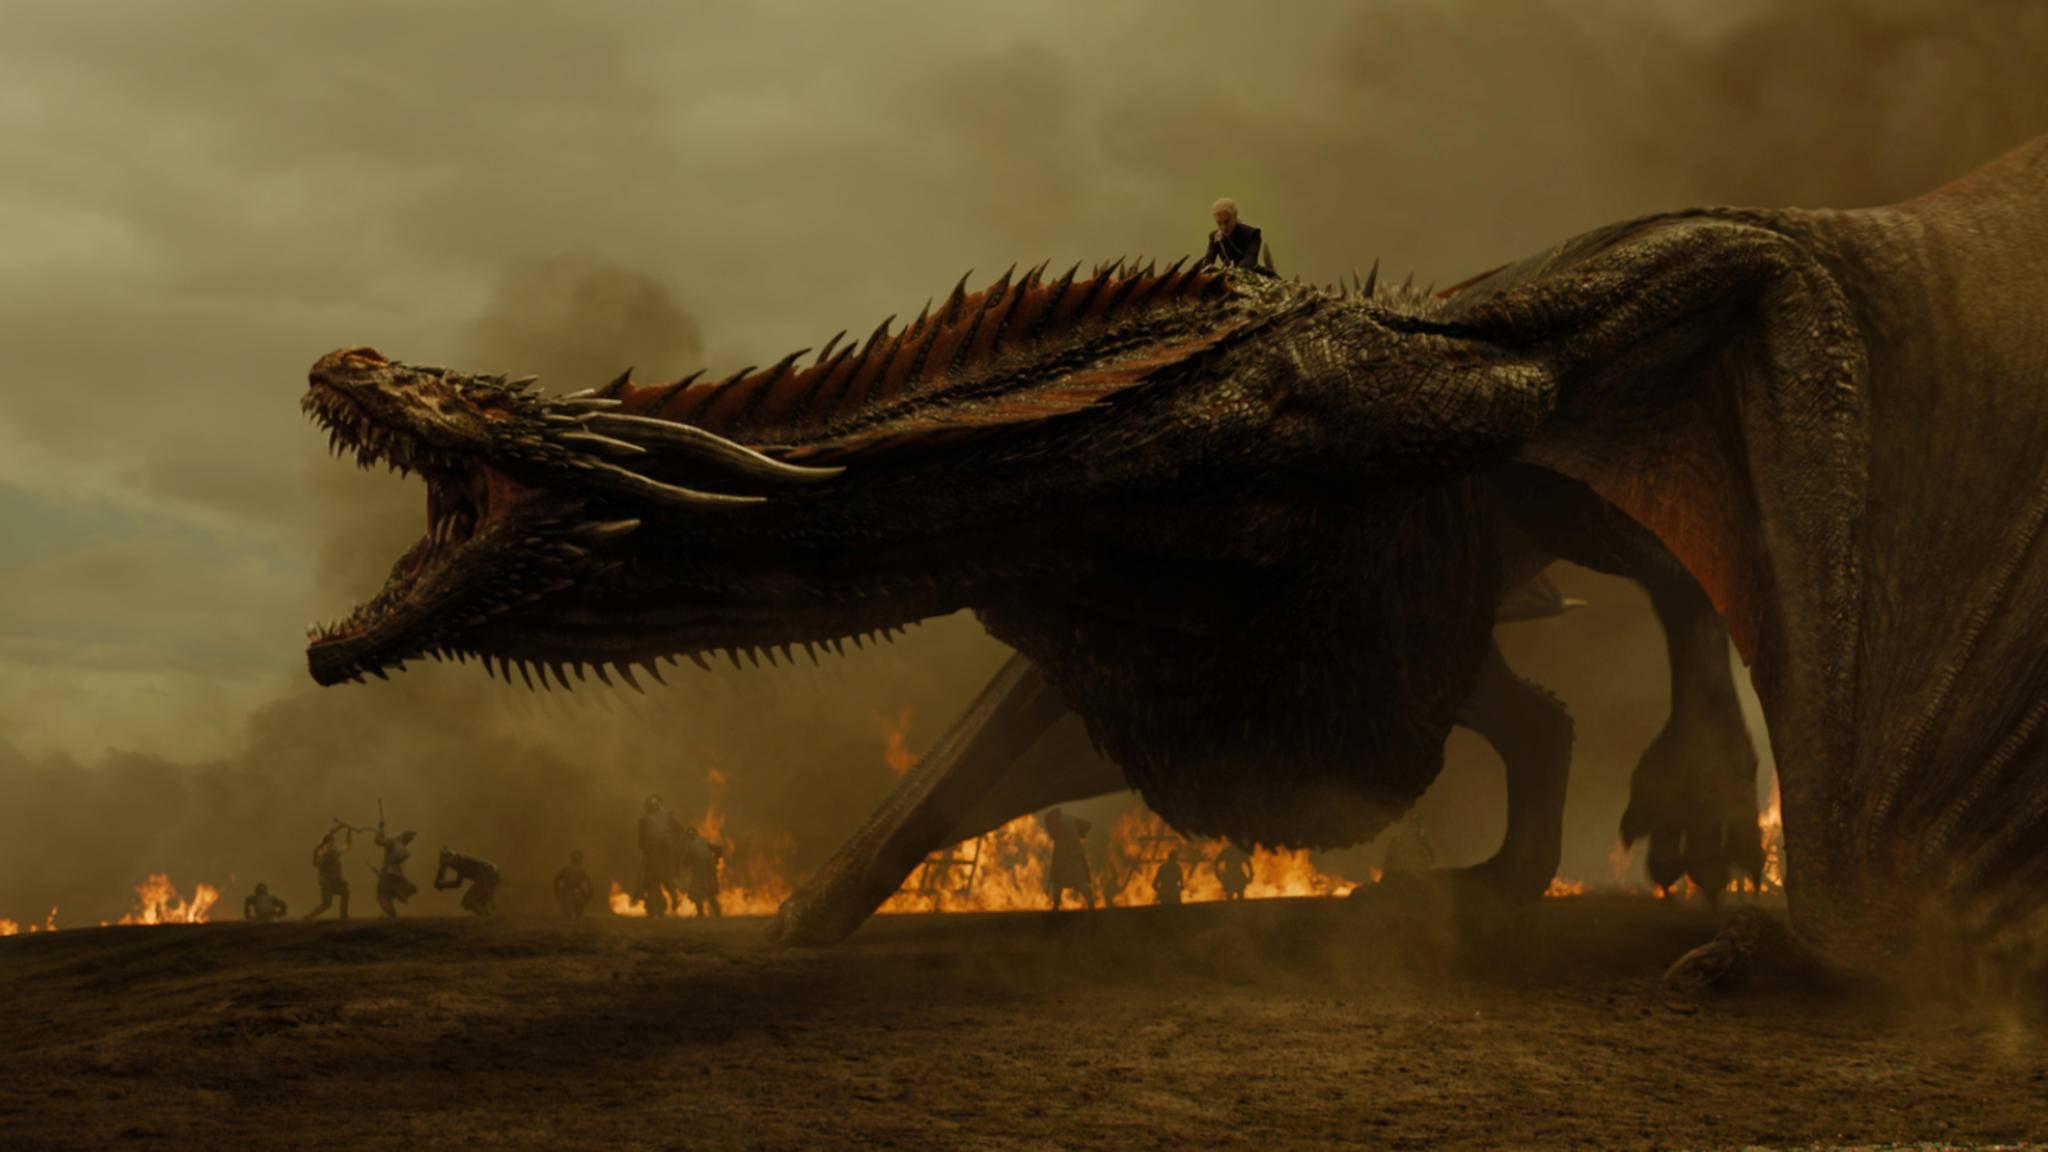 """Zumindest in einer Fantasy-Serie machen Drachen Sinn. Dennoch gibt es einige Logikfehler in """"Game of Thrones""""."""